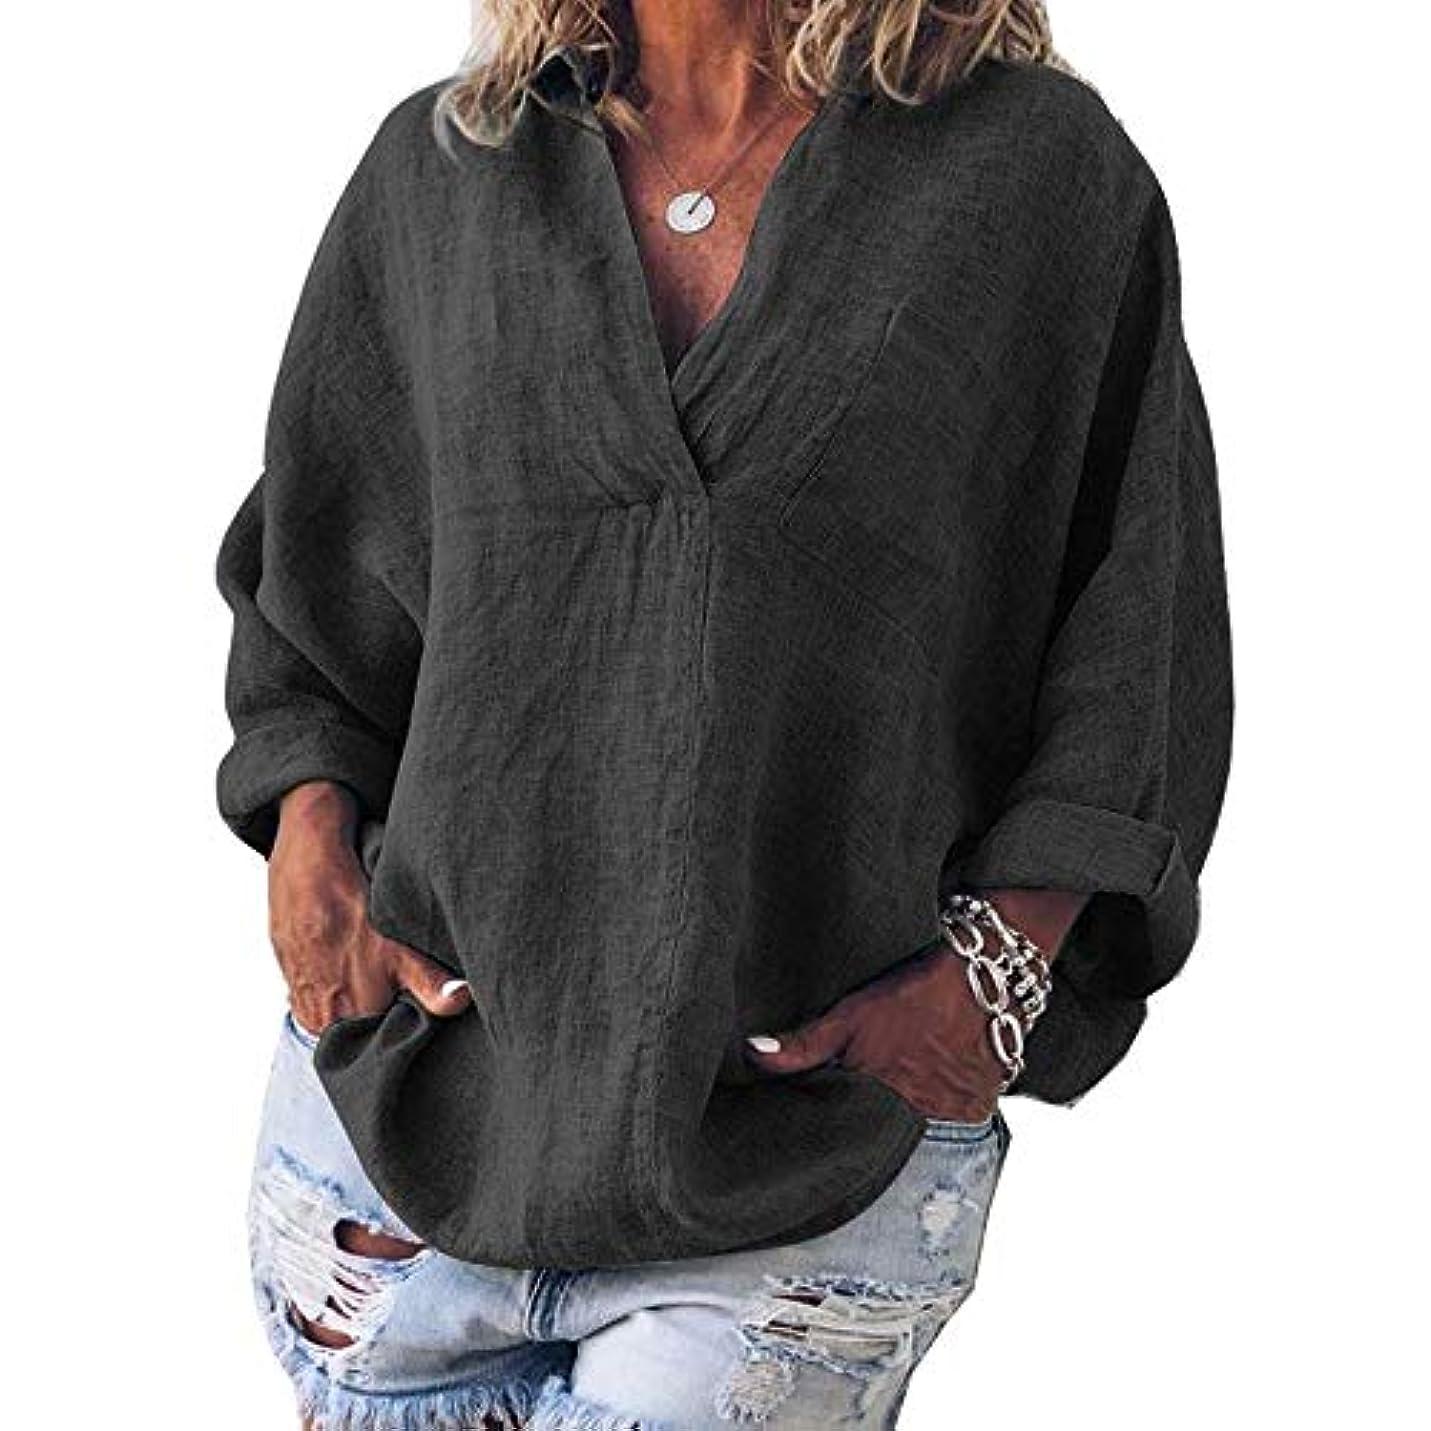 ピグマリオン間アウトドアMIFAN女性ファッション春夏チュニックトップス深いVネックTシャツ長袖プルオーバールーズリネンブラウス